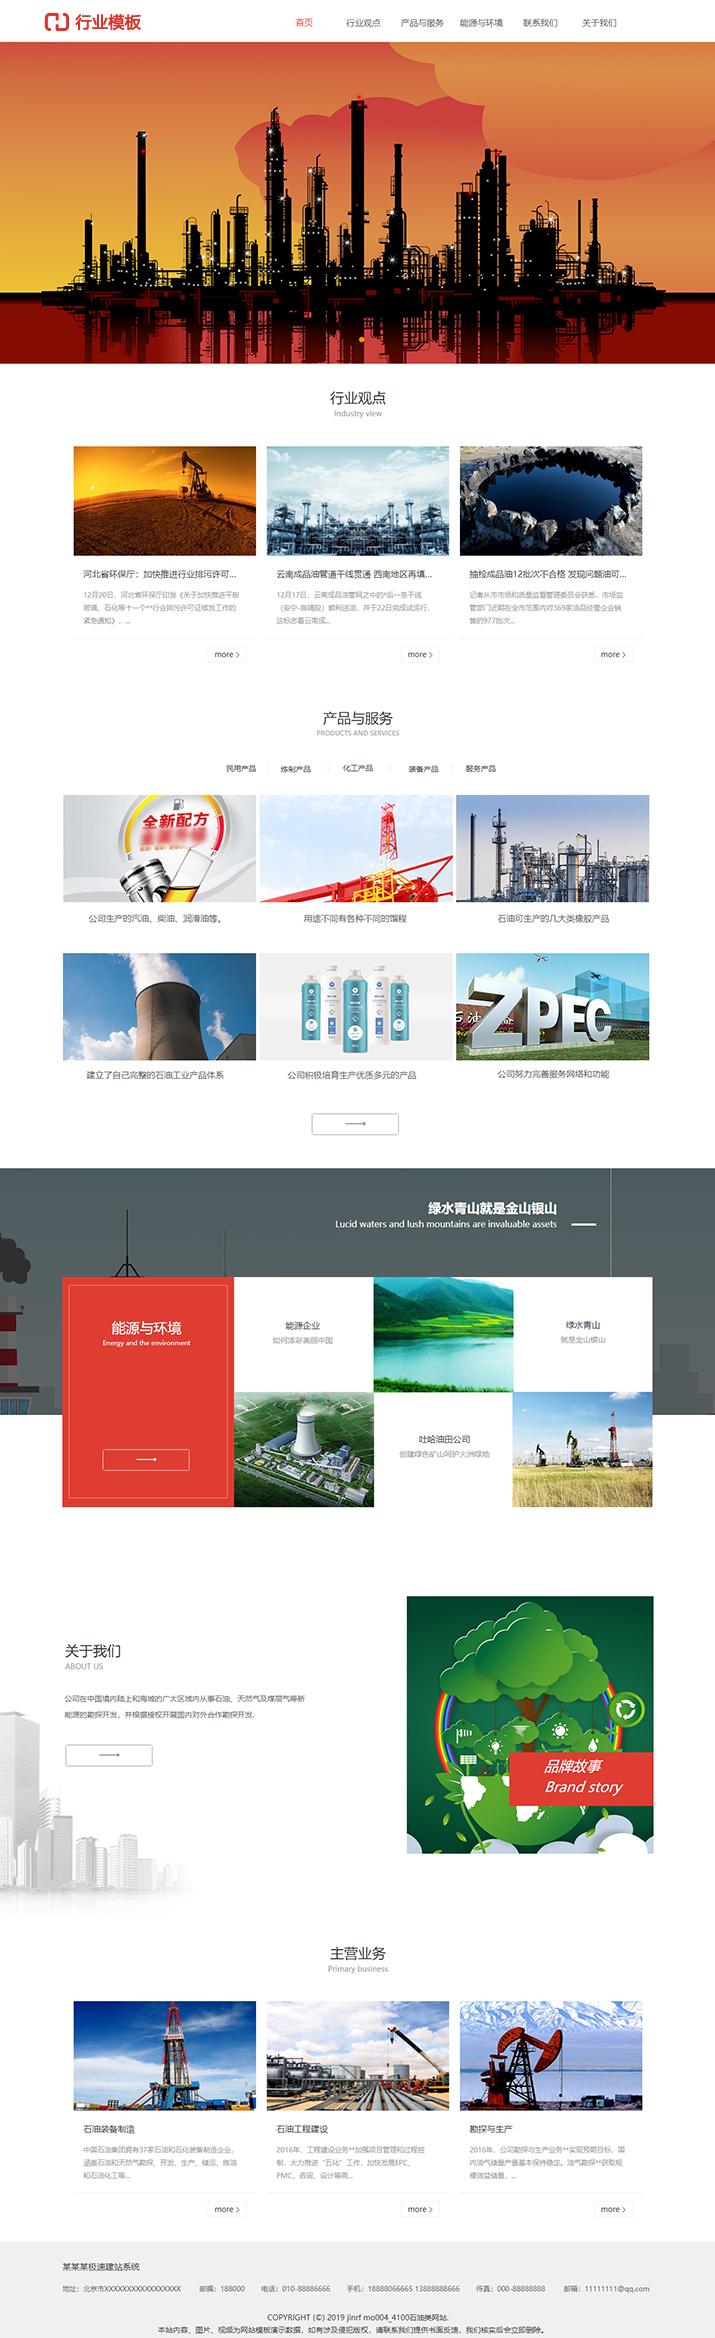 优选石油产品网站模板